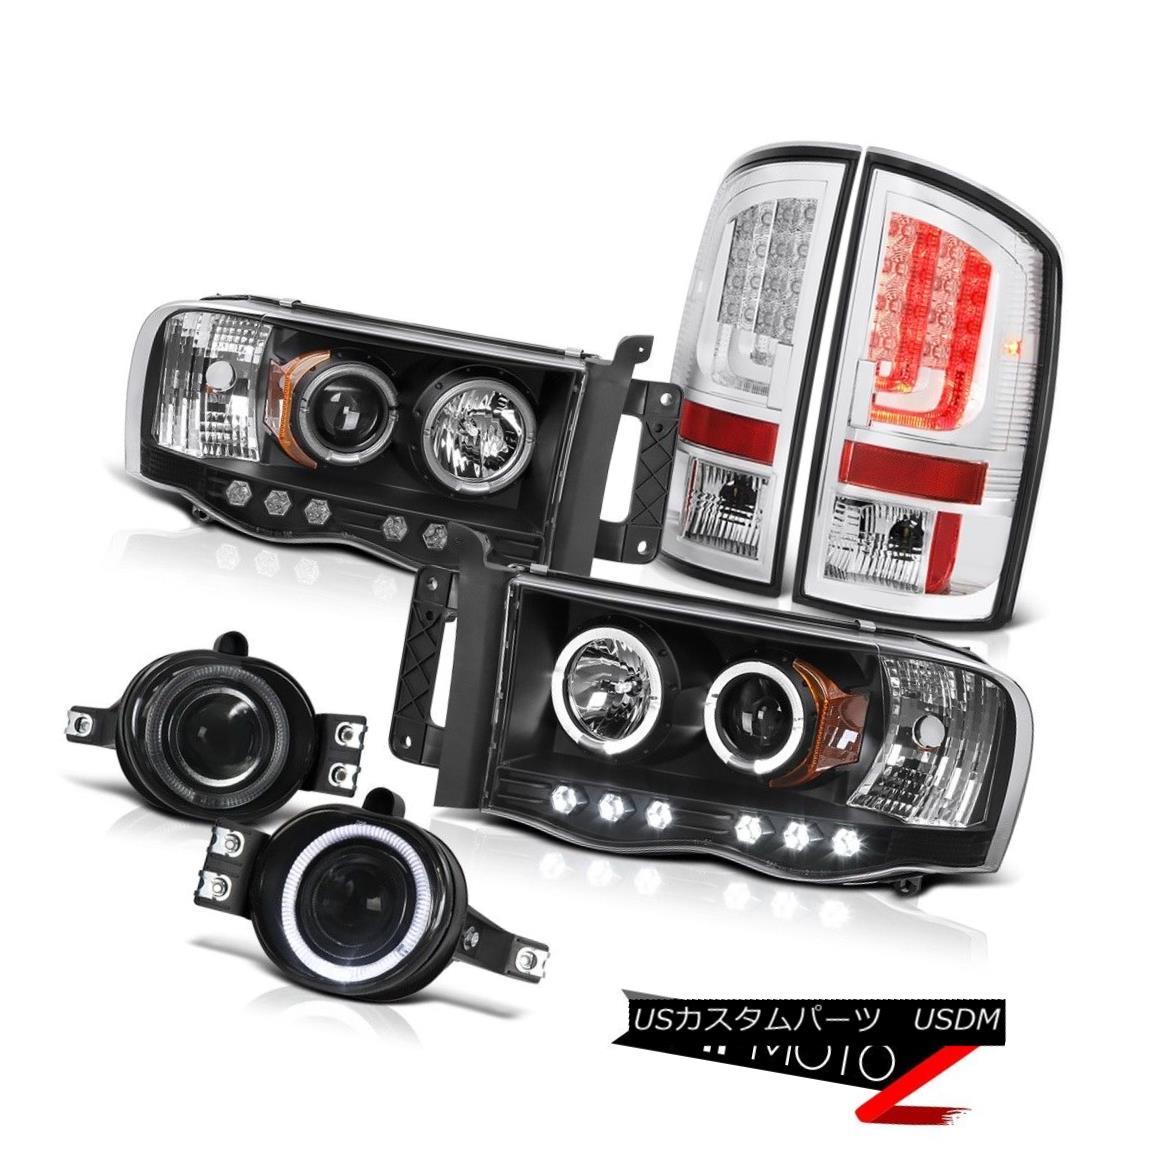 テールライト 2003-2005 Dodge Ram 3500 5.7L Tail Brake Lights Headlamps Smokey Fog OLED Prism 2003-2005 Dodge Ram 3500 5.7LテールブレーキライトヘッドランプスモーキーフォグOLEDプリズム